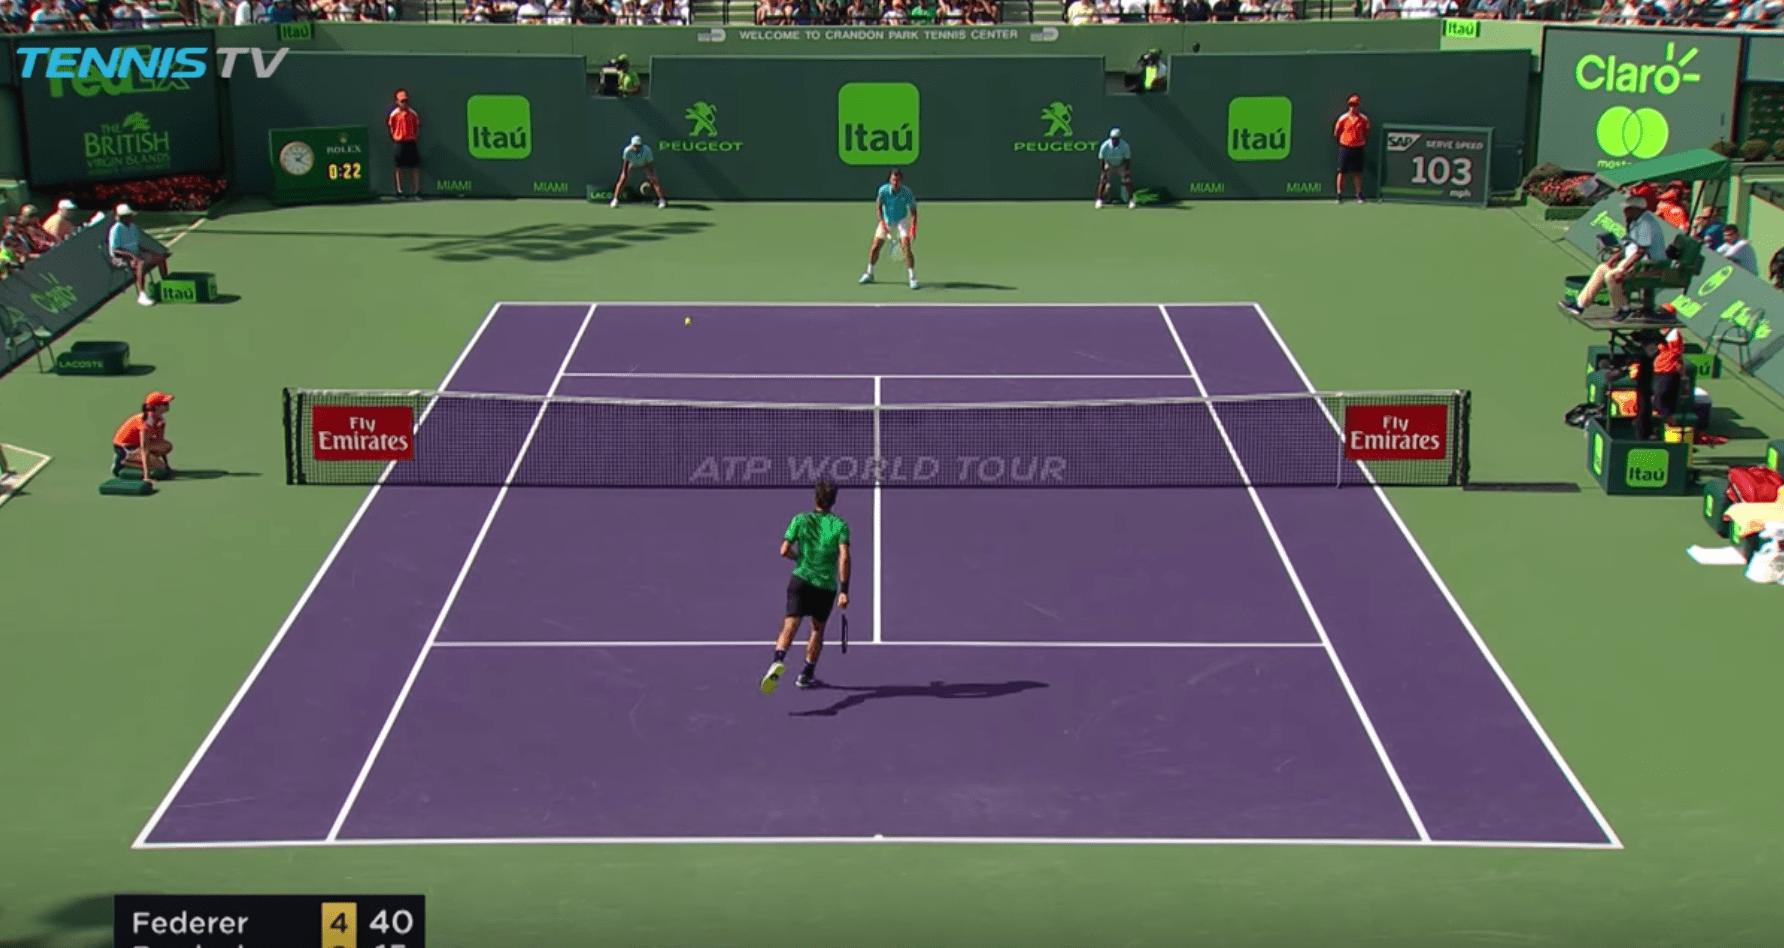 L'amorti génial de Roger Federer qui laisse Tomas Berdych sur place